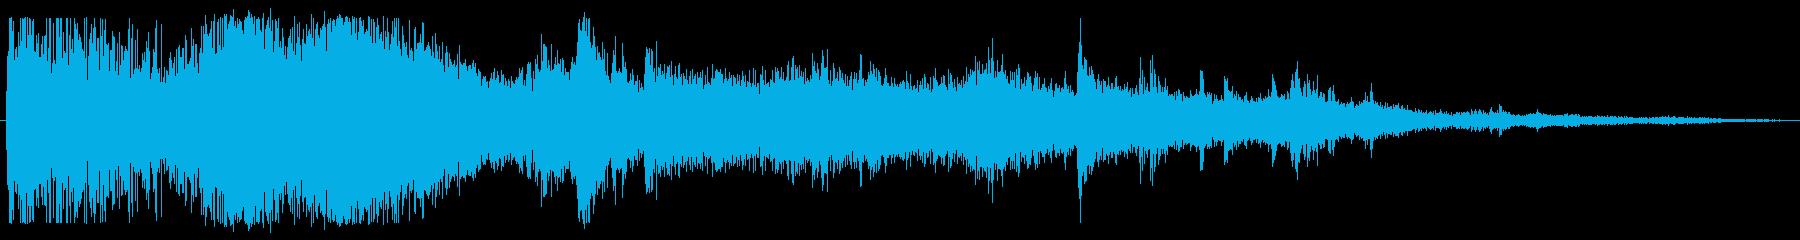 ドカーン 破壊音の再生済みの波形